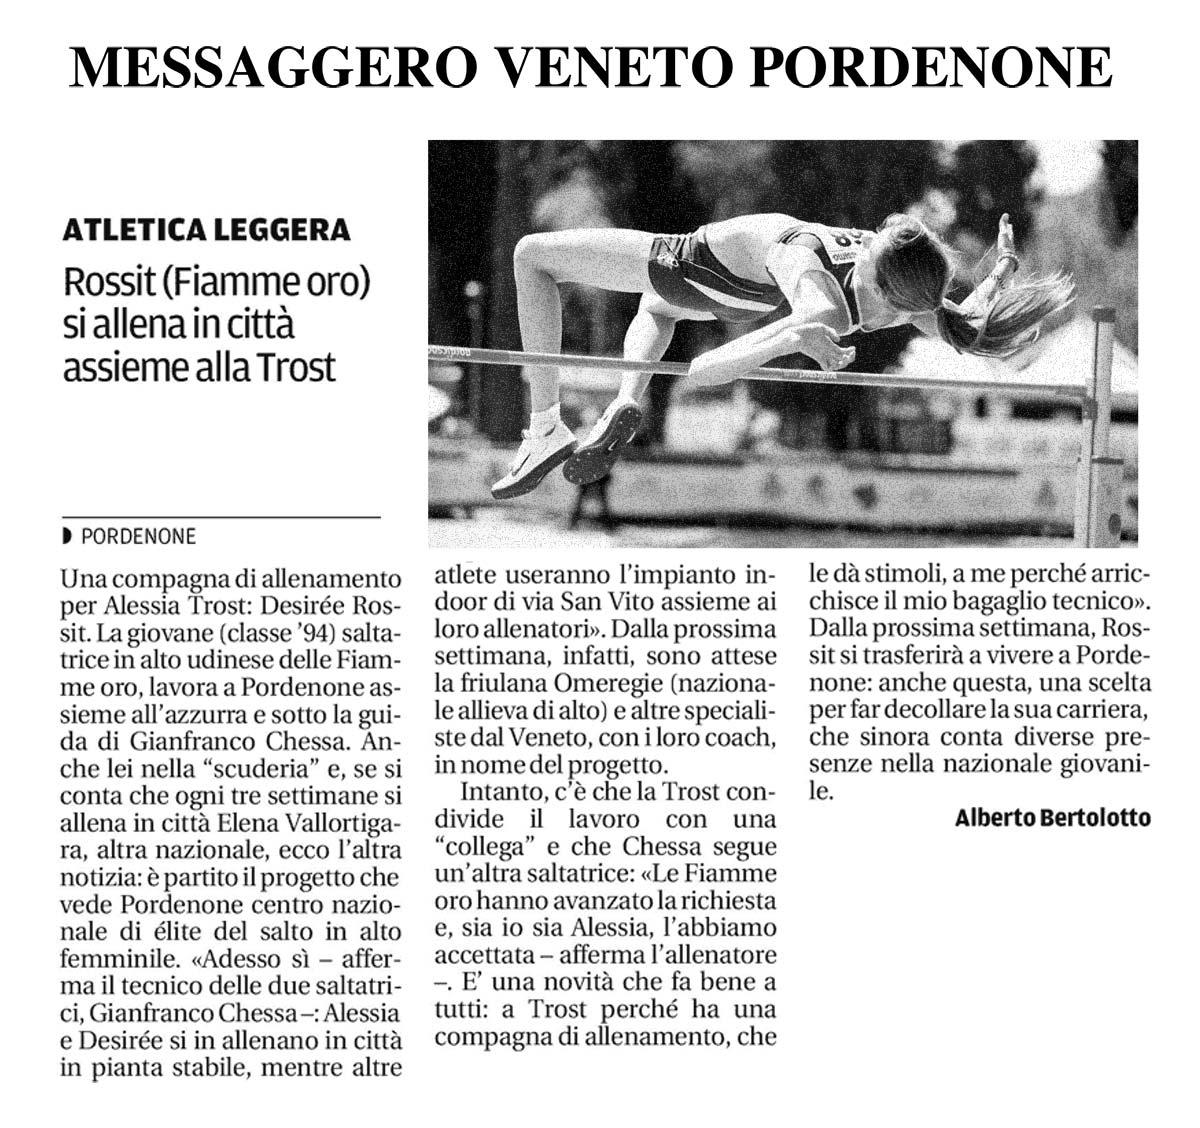 Rossit Desirèe - il Messaggero 21_11_13 Rossit Desirèe - il Messaggero 21_11_13 - Fiamme Oro Atletica